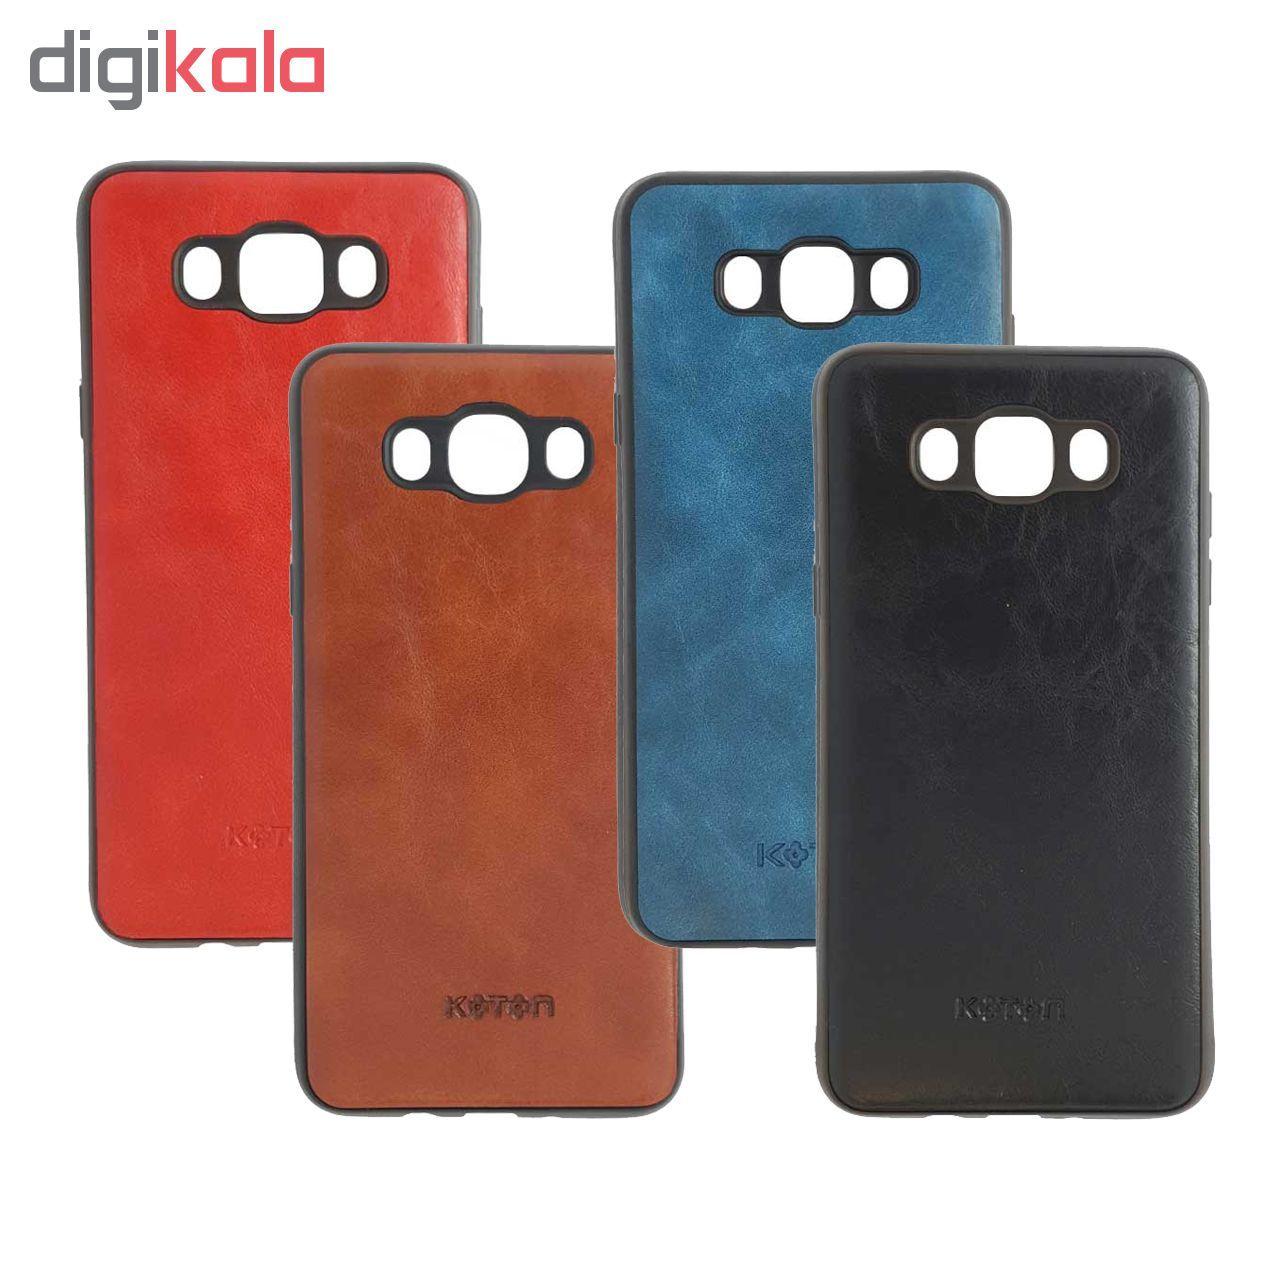 کاور ایبیزا  مدل K-25 مناسب برای گوشی موبایل سامسونگ Galaxy J7 Core main 1 6